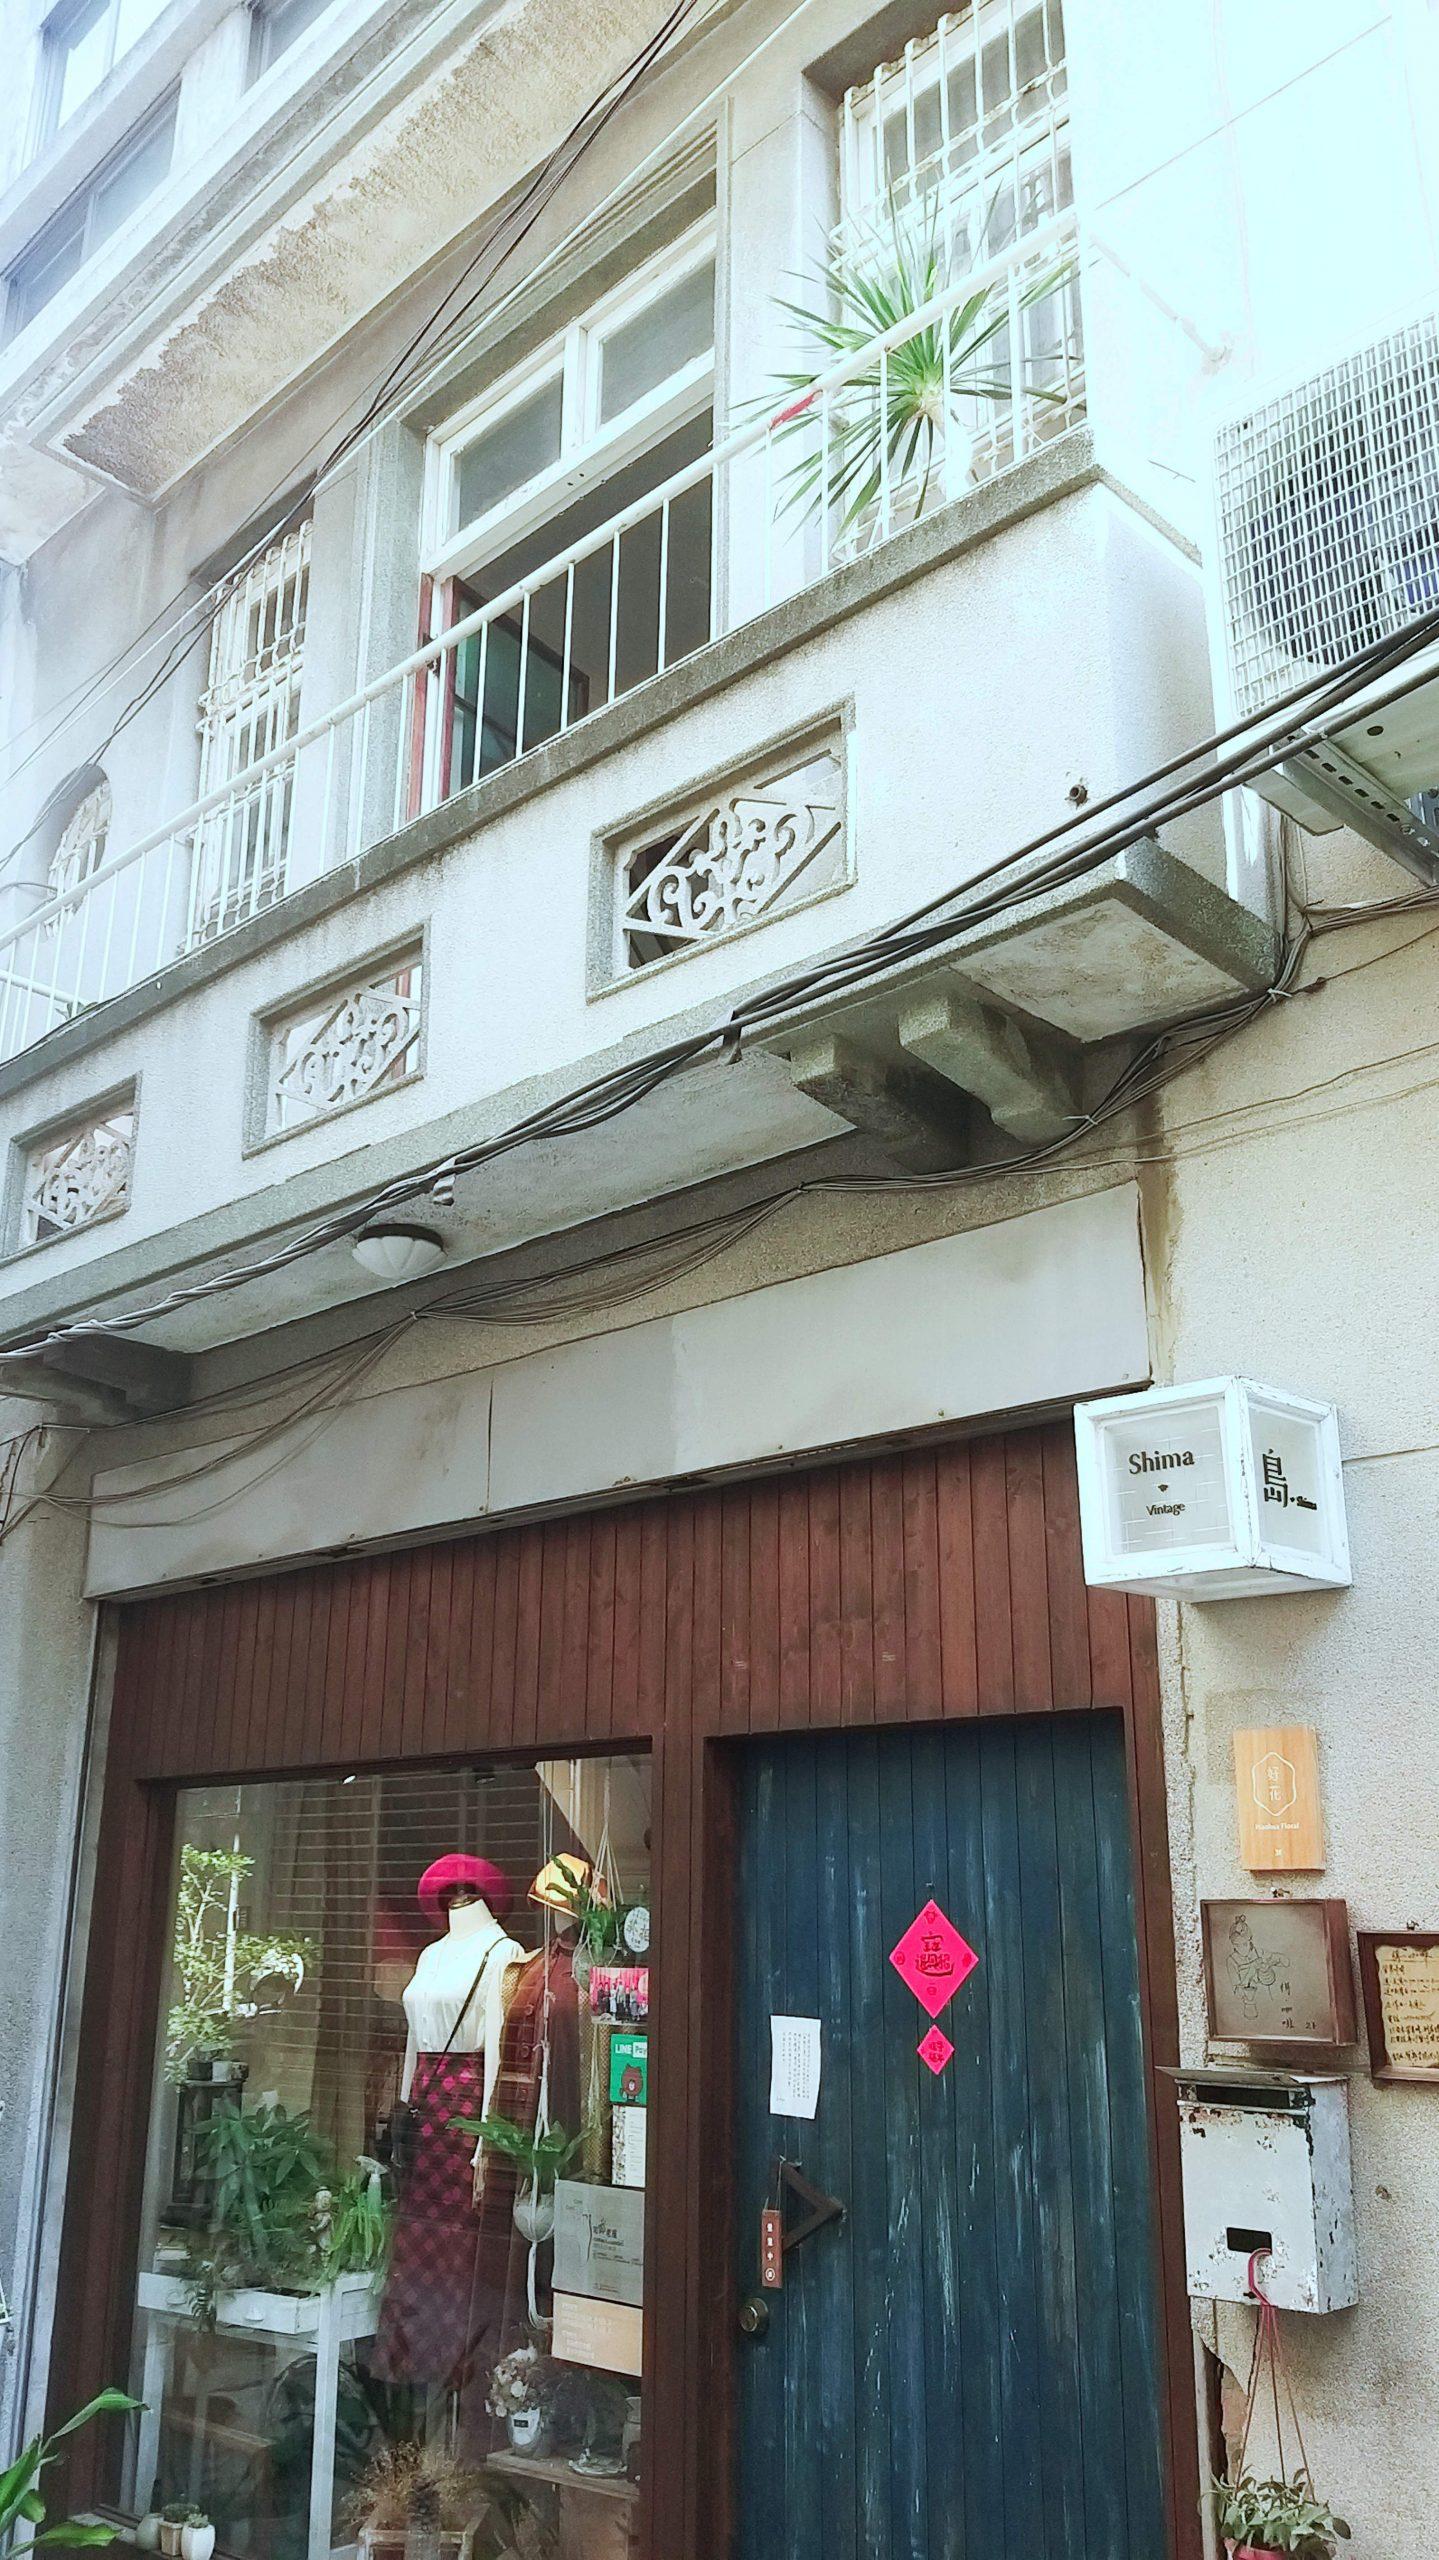 台南 老房子復古風格手沖咖啡館|栮咖啡